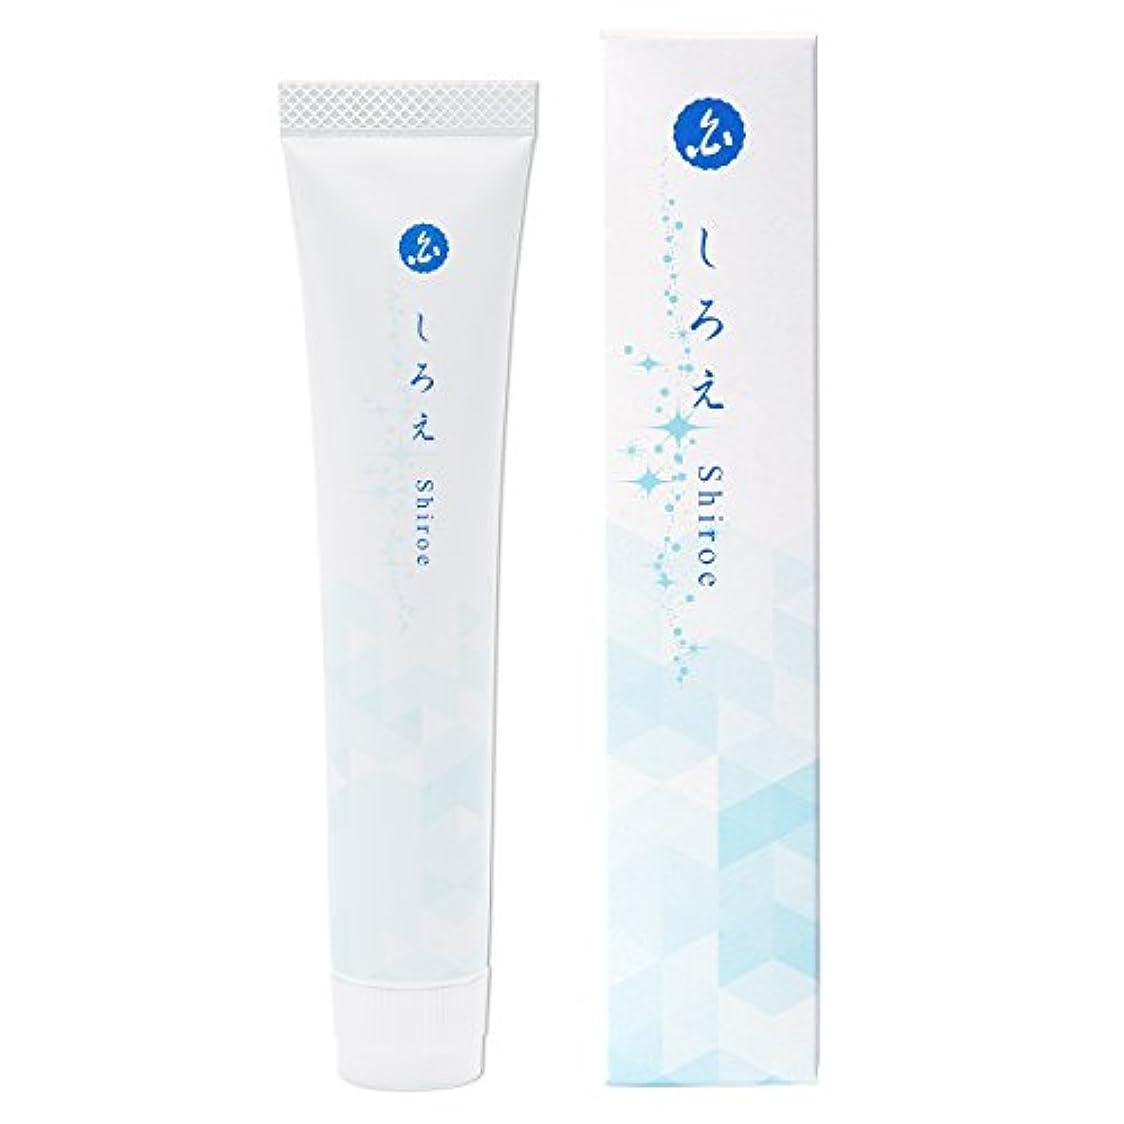 半島クリープハブブしろえ 歯磨きジェル 薬用 ホワイトニング歯磨き粉 医薬部外品 はみがき粉 50g 日本製